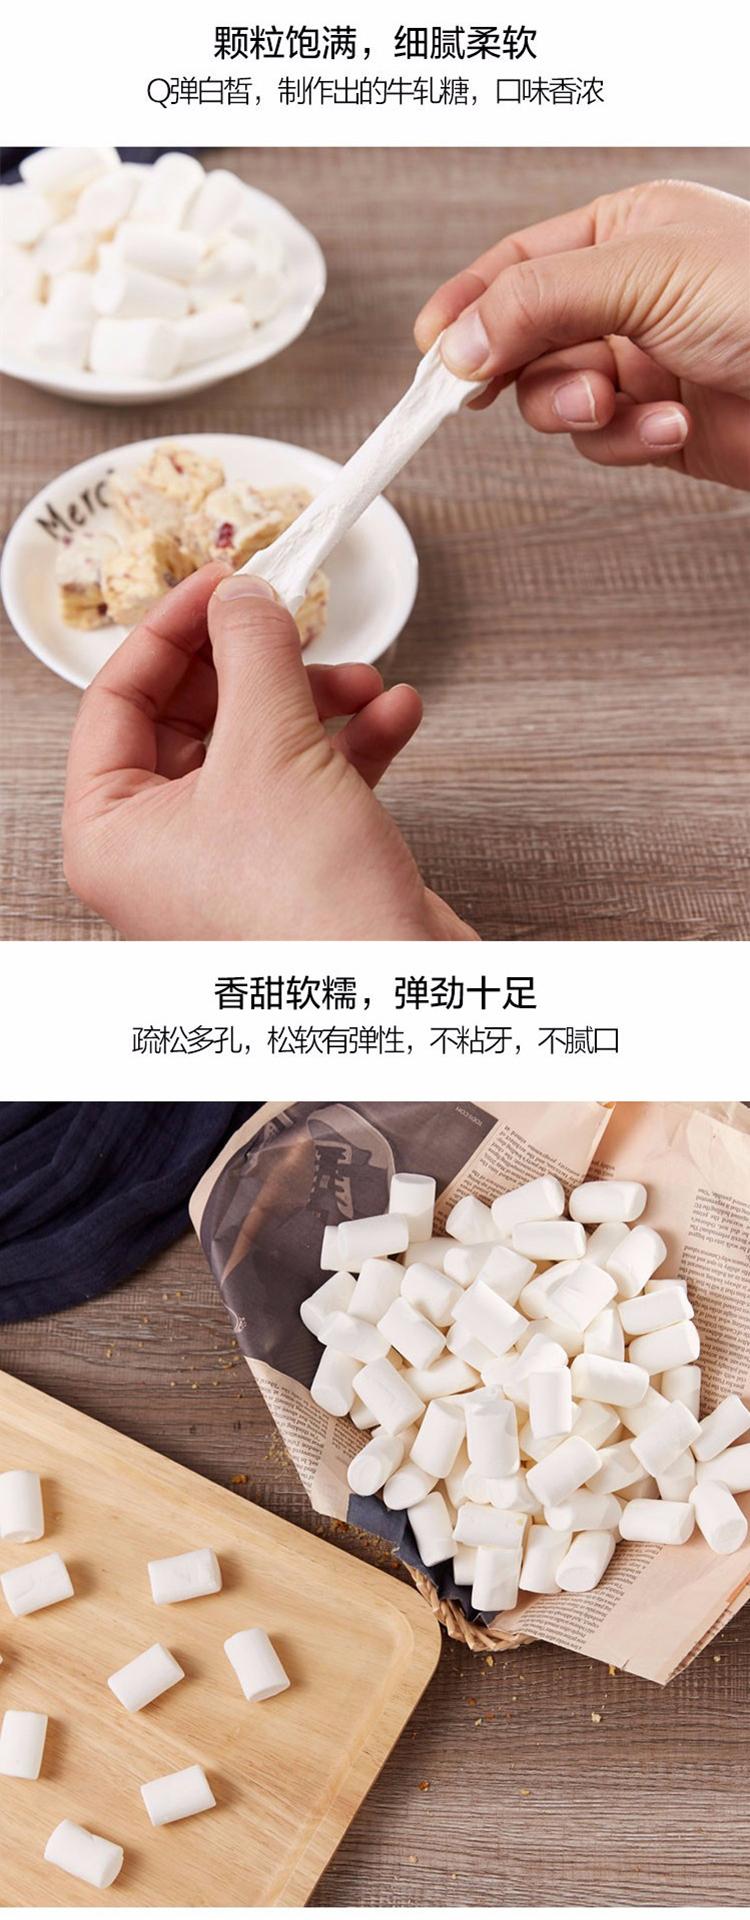 新疆乐乐妈伊高棉花糖红糖无糖烘焙专用雪花酥牛轧糖材料详细照片